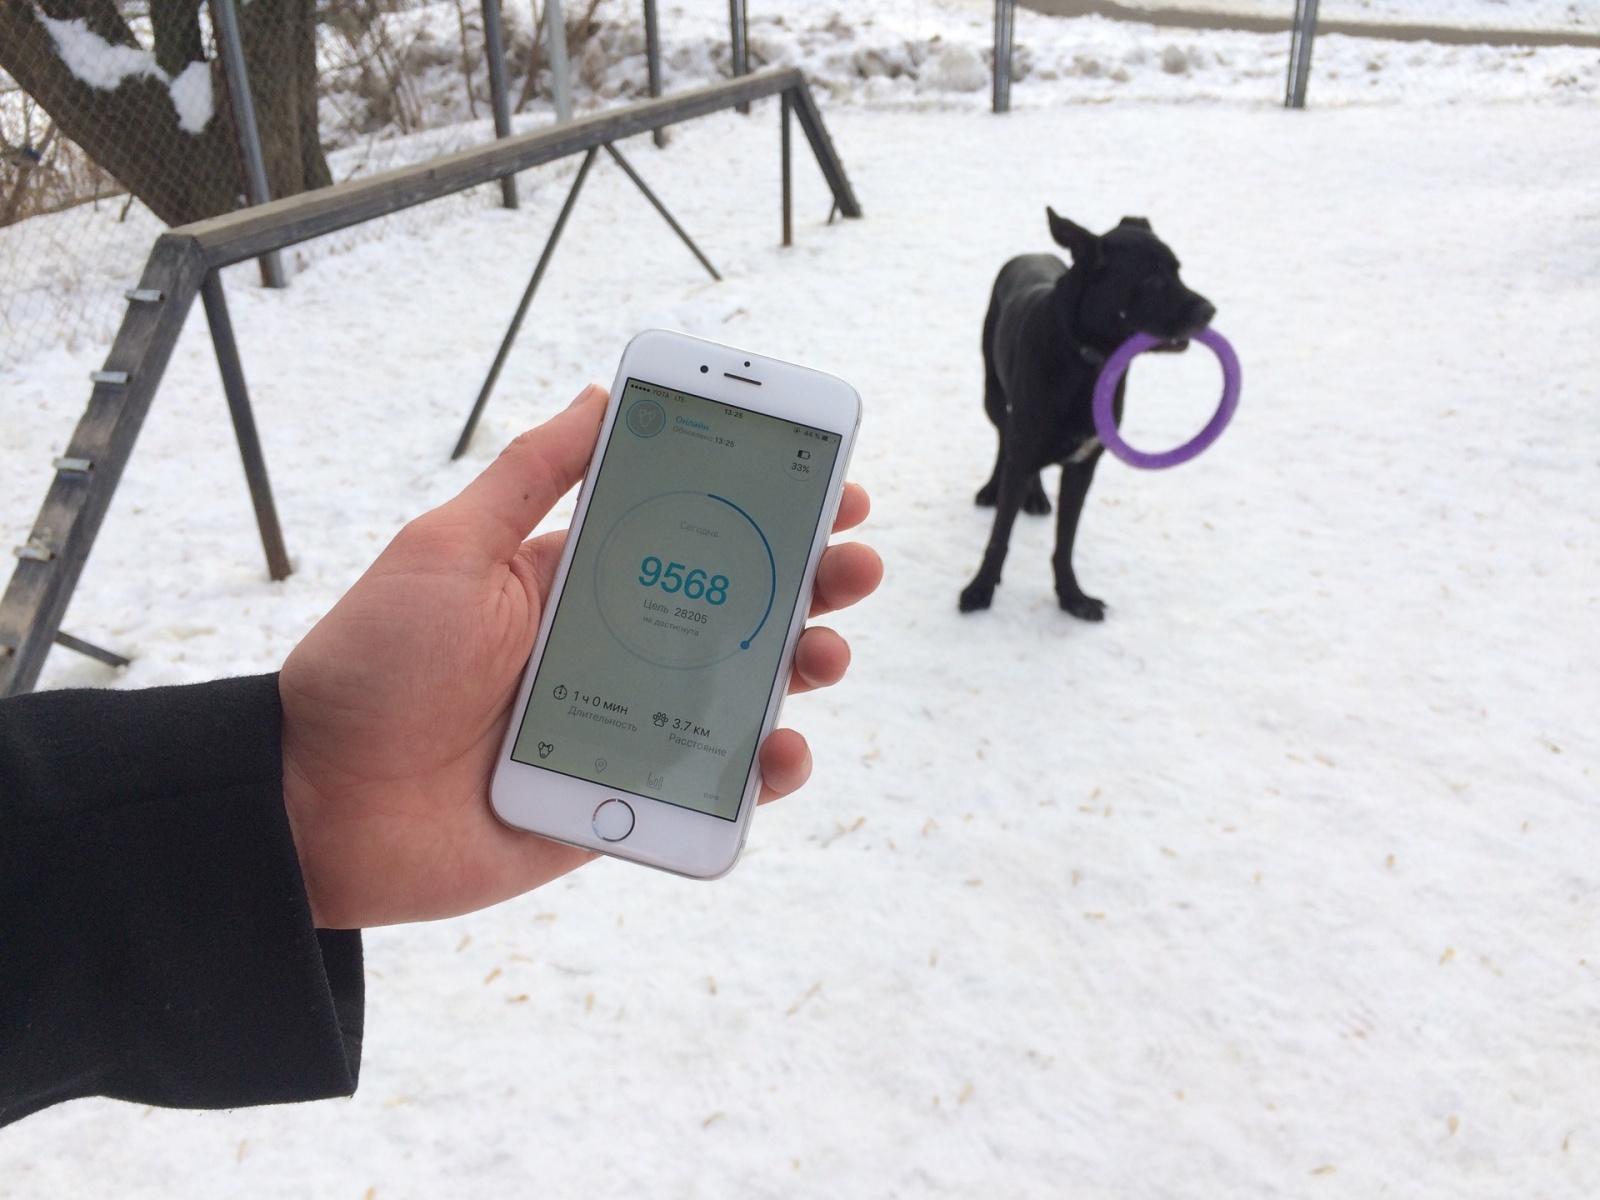 Тестируем на животных: как работает GPS-трекер для собак Mishiko в Москве? - 1